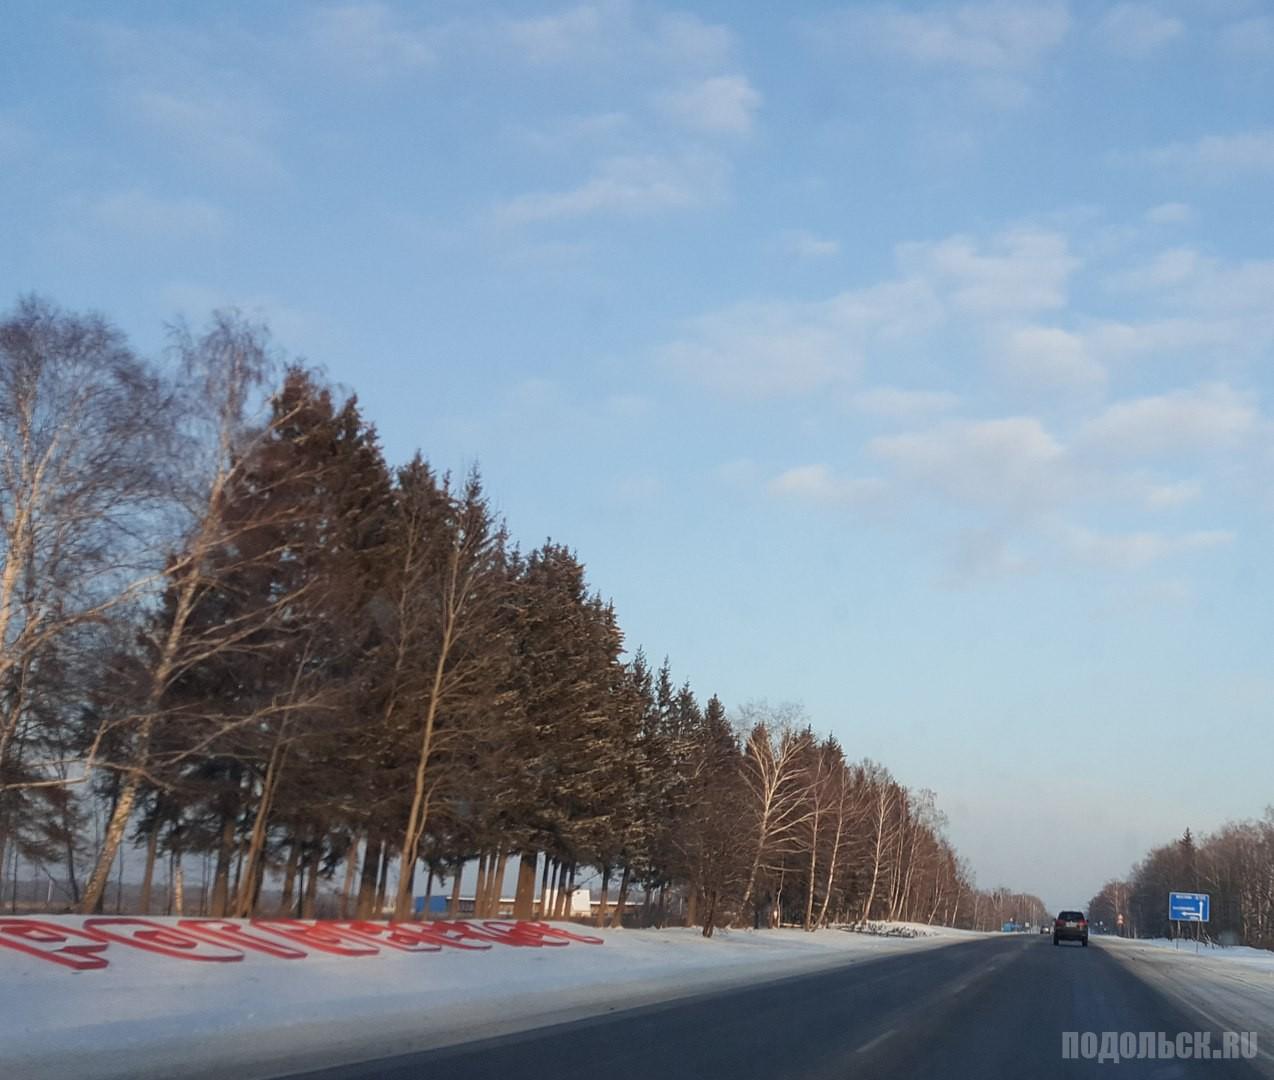 Роговское. Дорога. Январь 2016 г.